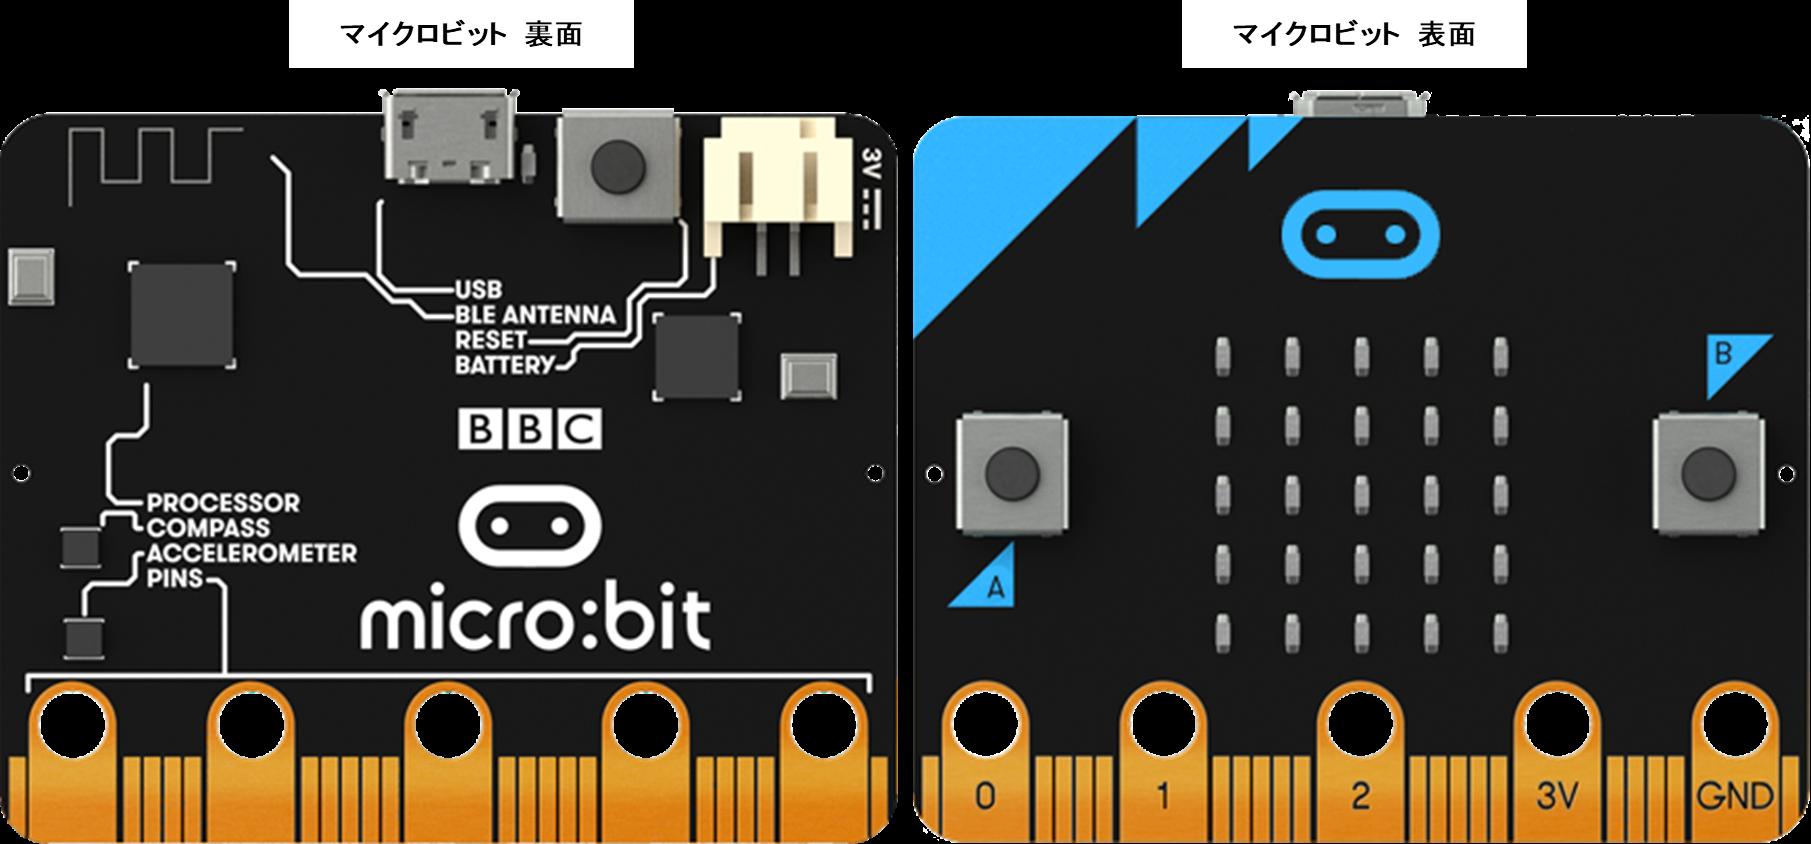 Micro:bit(マイクロビット)のプログラミングをmicropythonでしてみよう